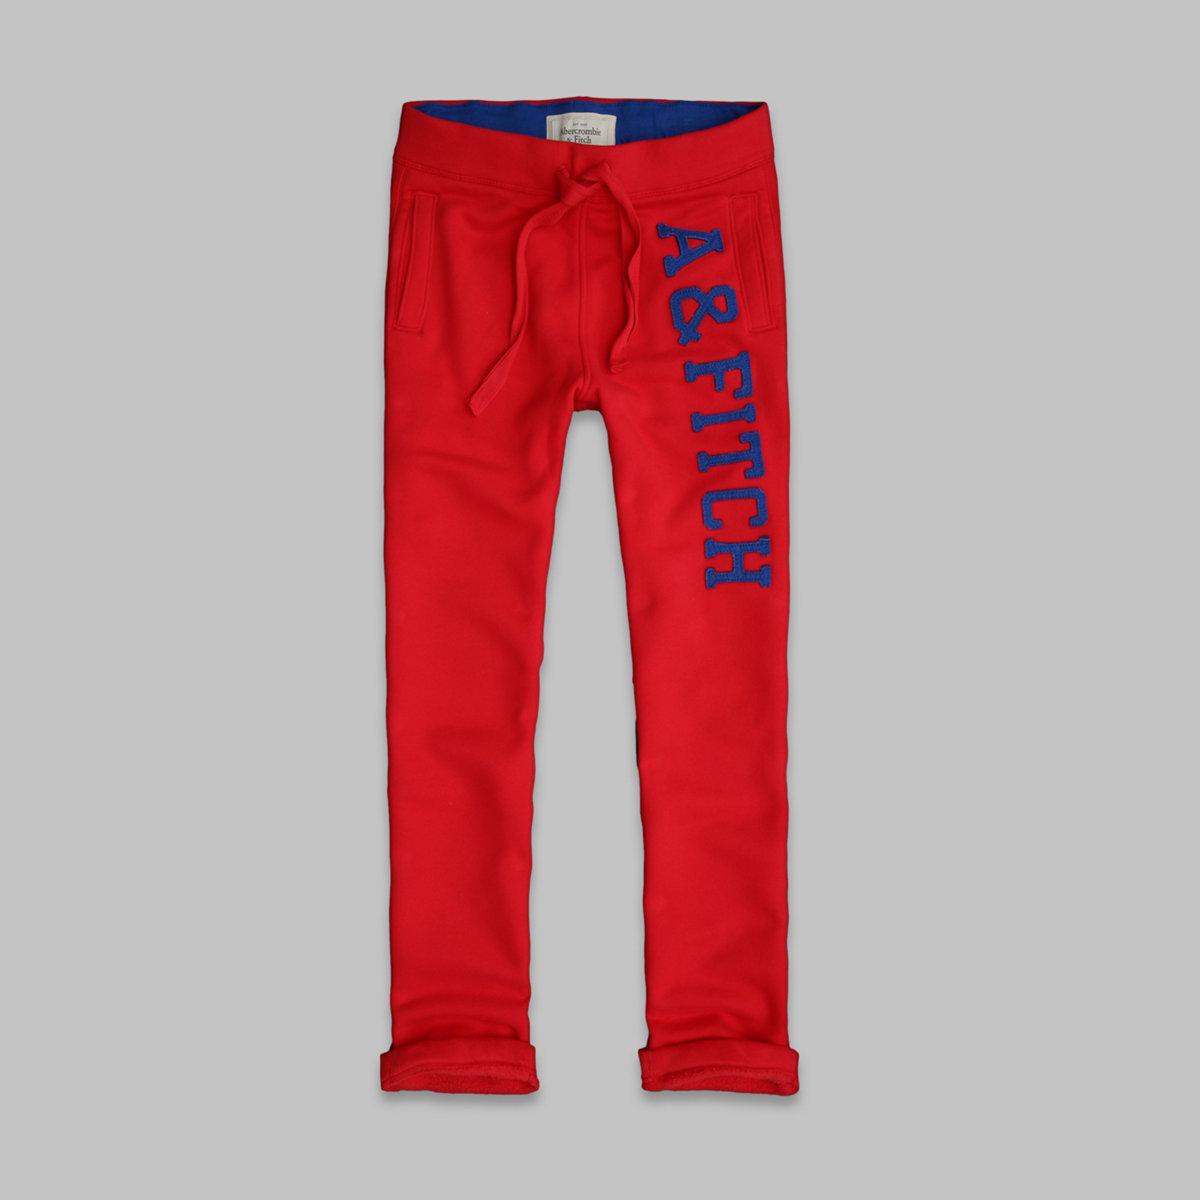 A&F Classic Sweatpants